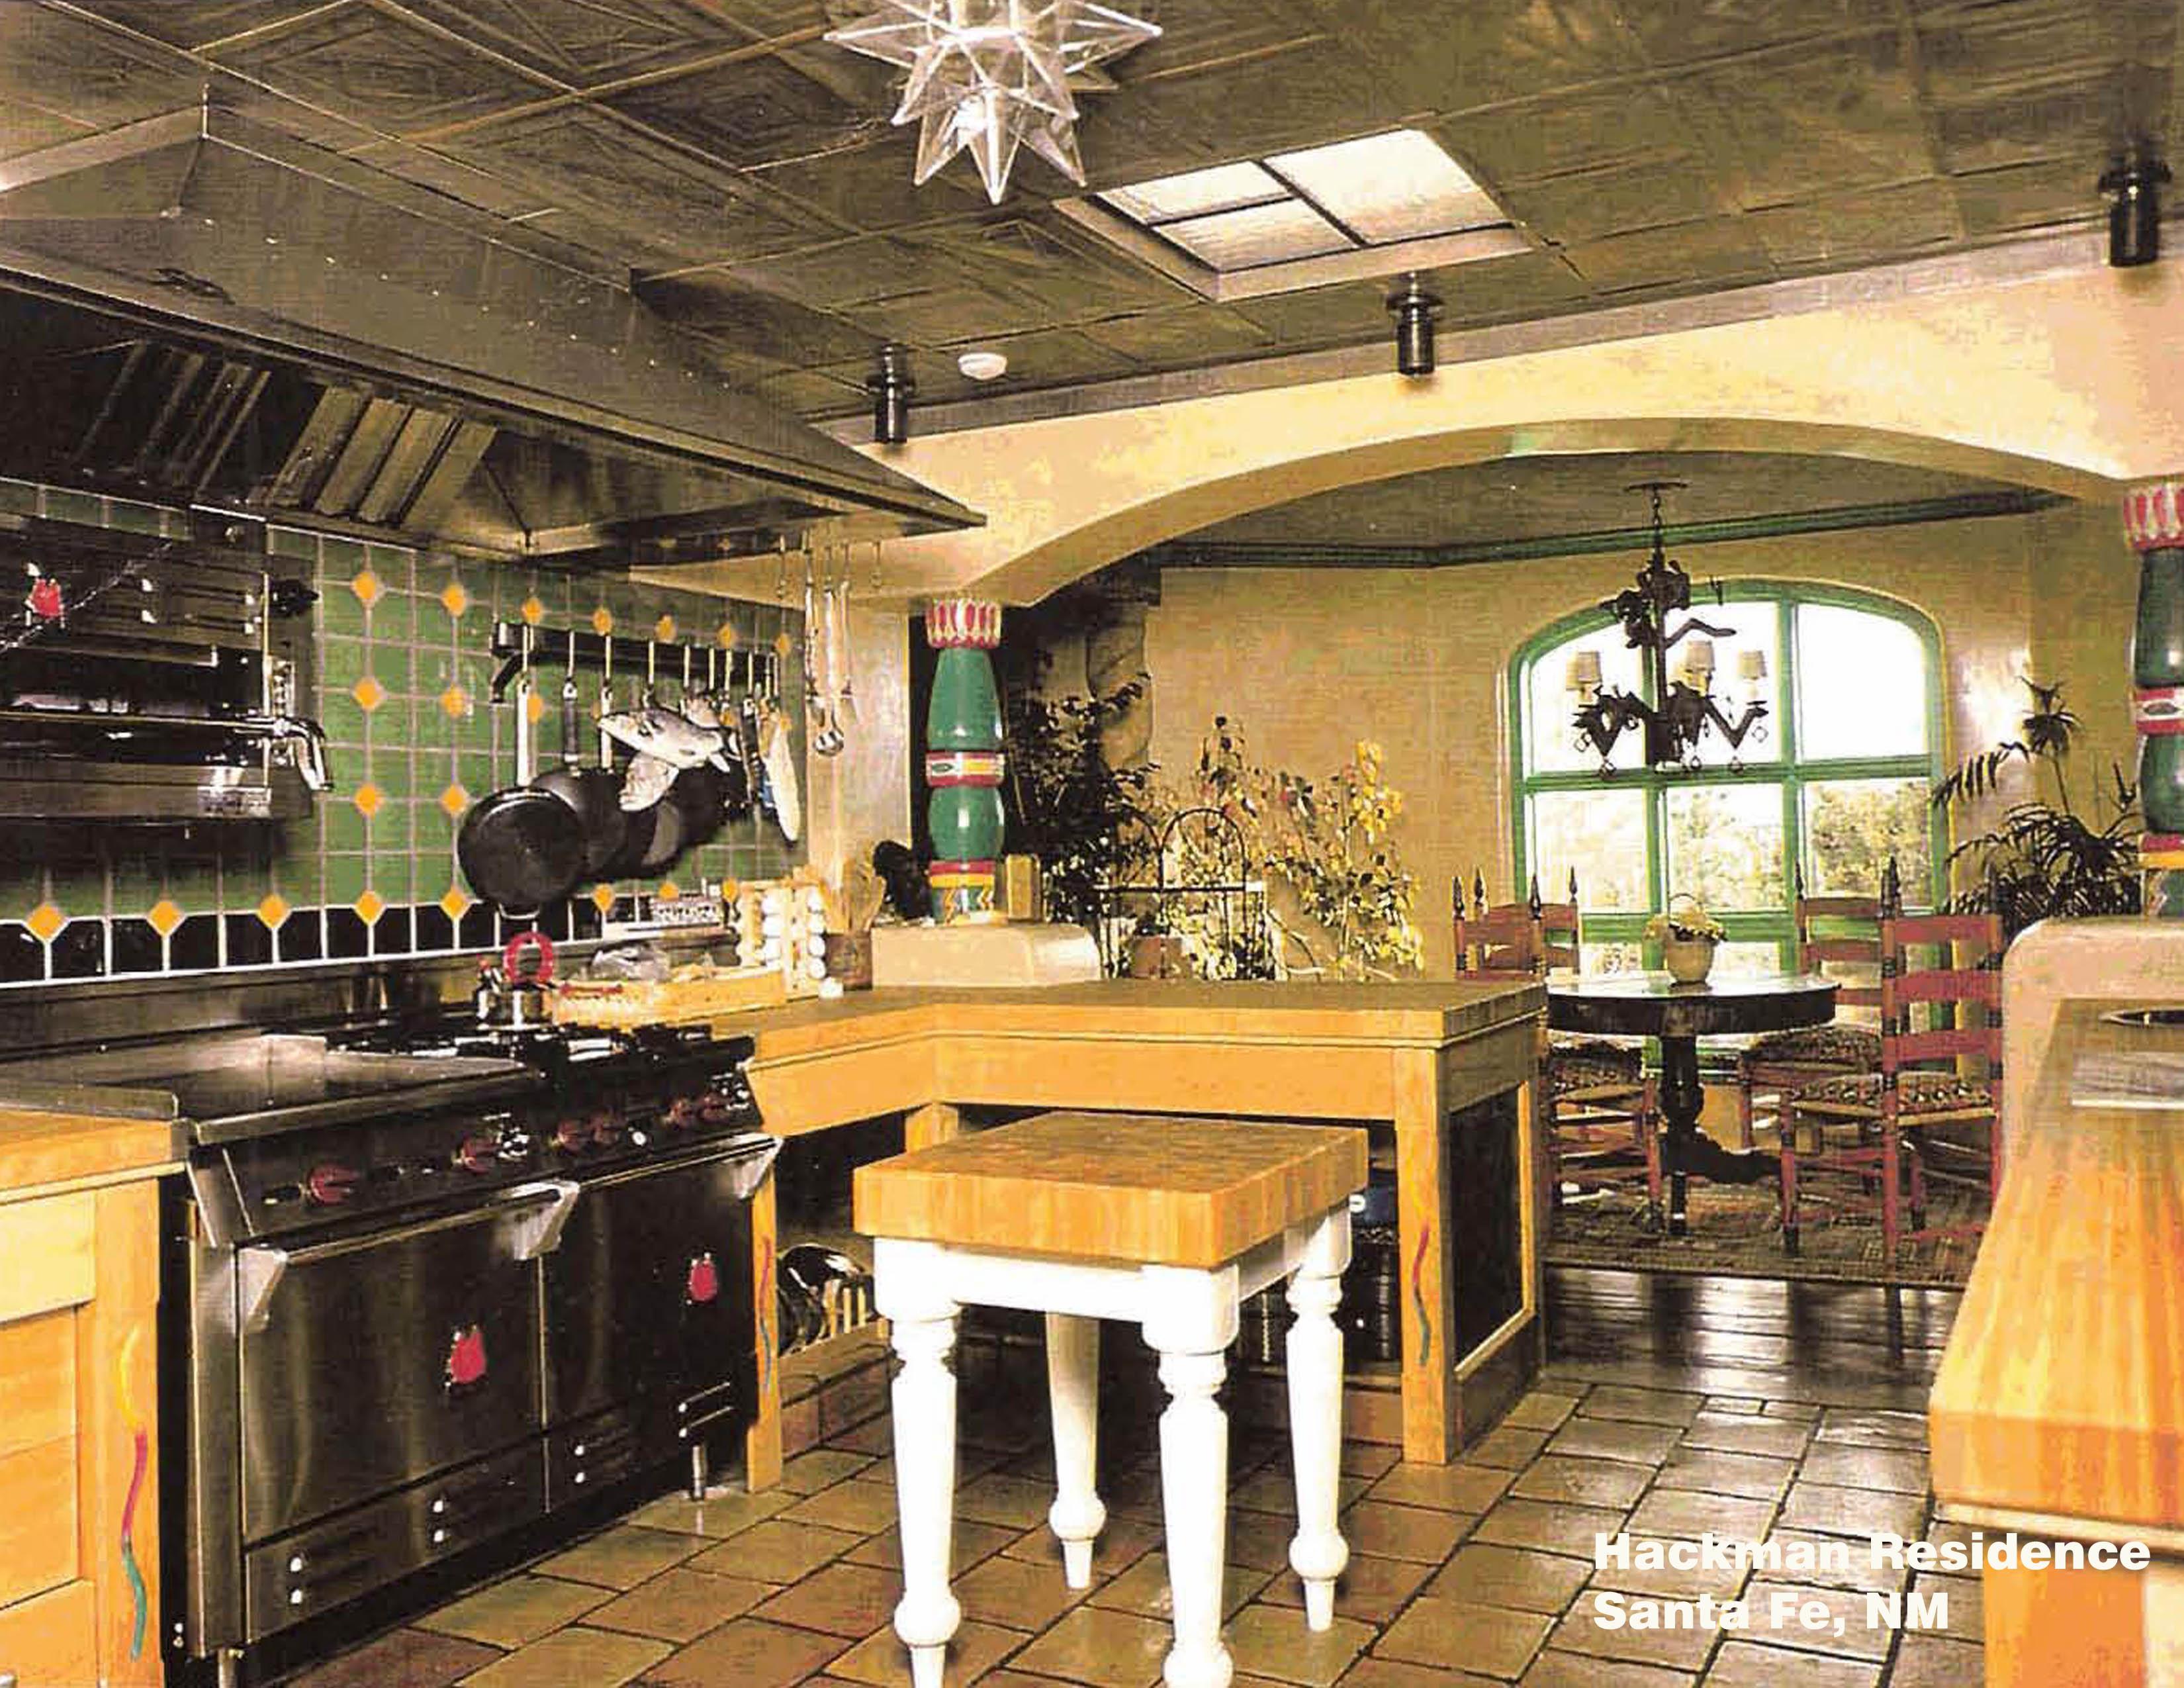 Hackman - Kitchen